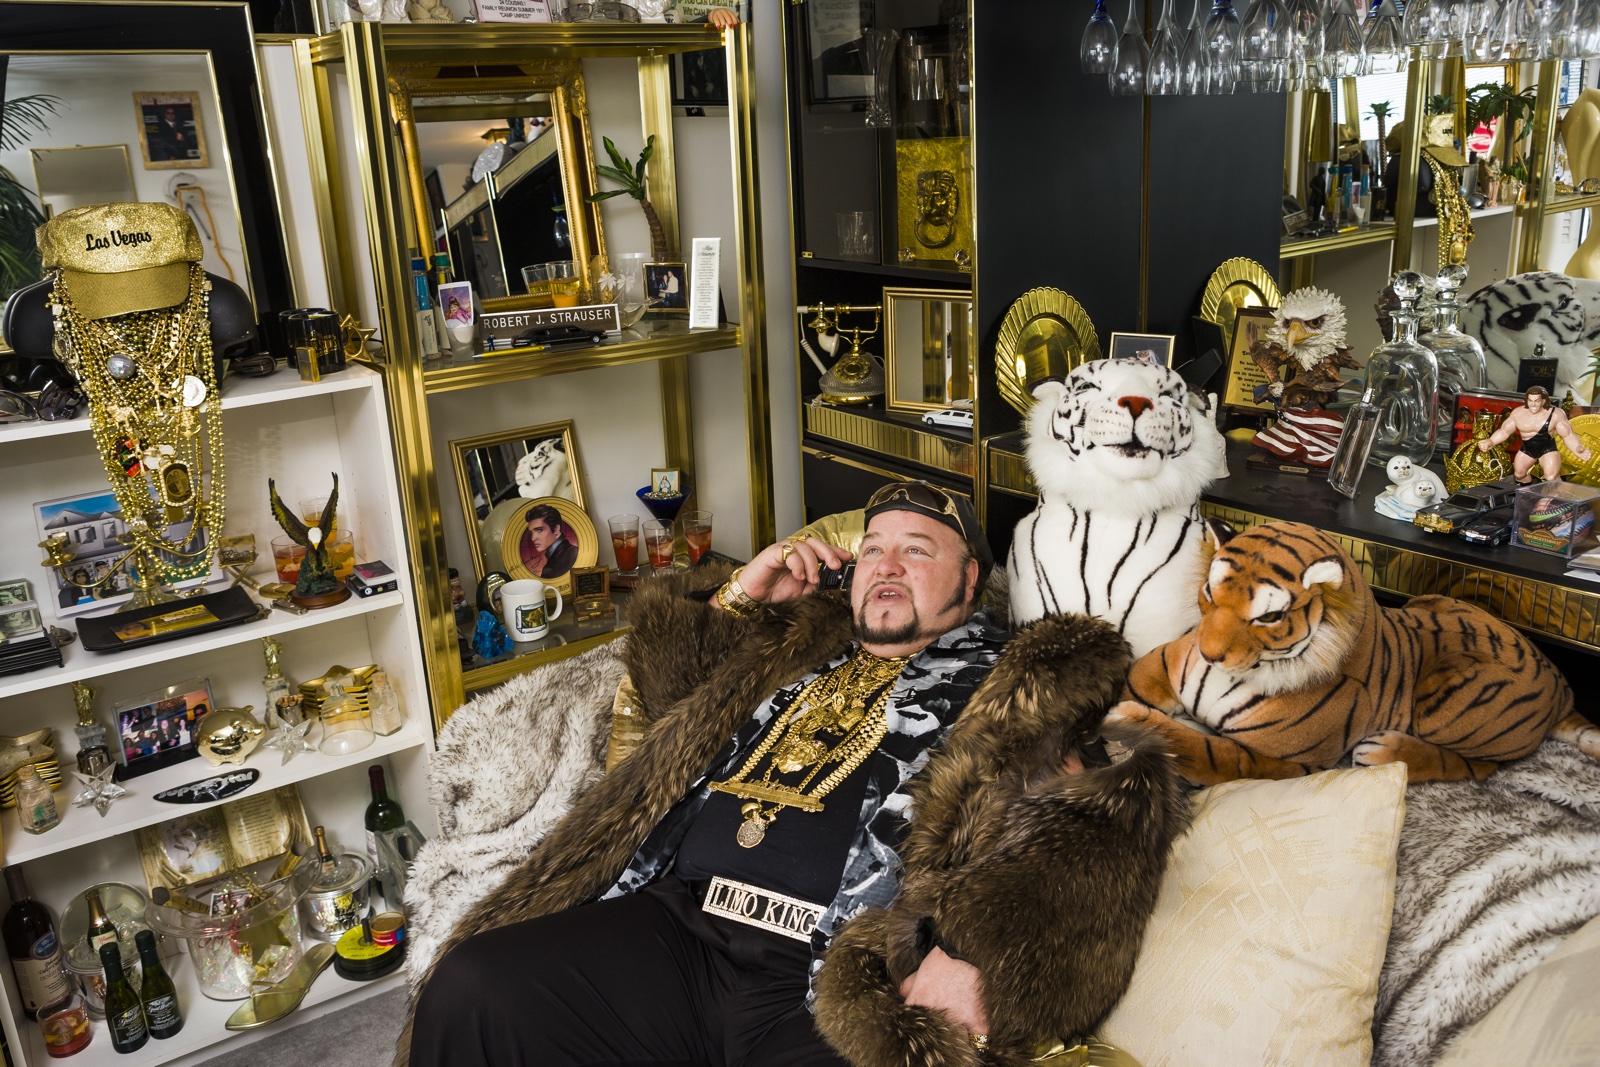 foto: © Lauren Greenfield/Fotomuseum Den Haag - Limo Bob in zijn kantoor, Chicago 2008